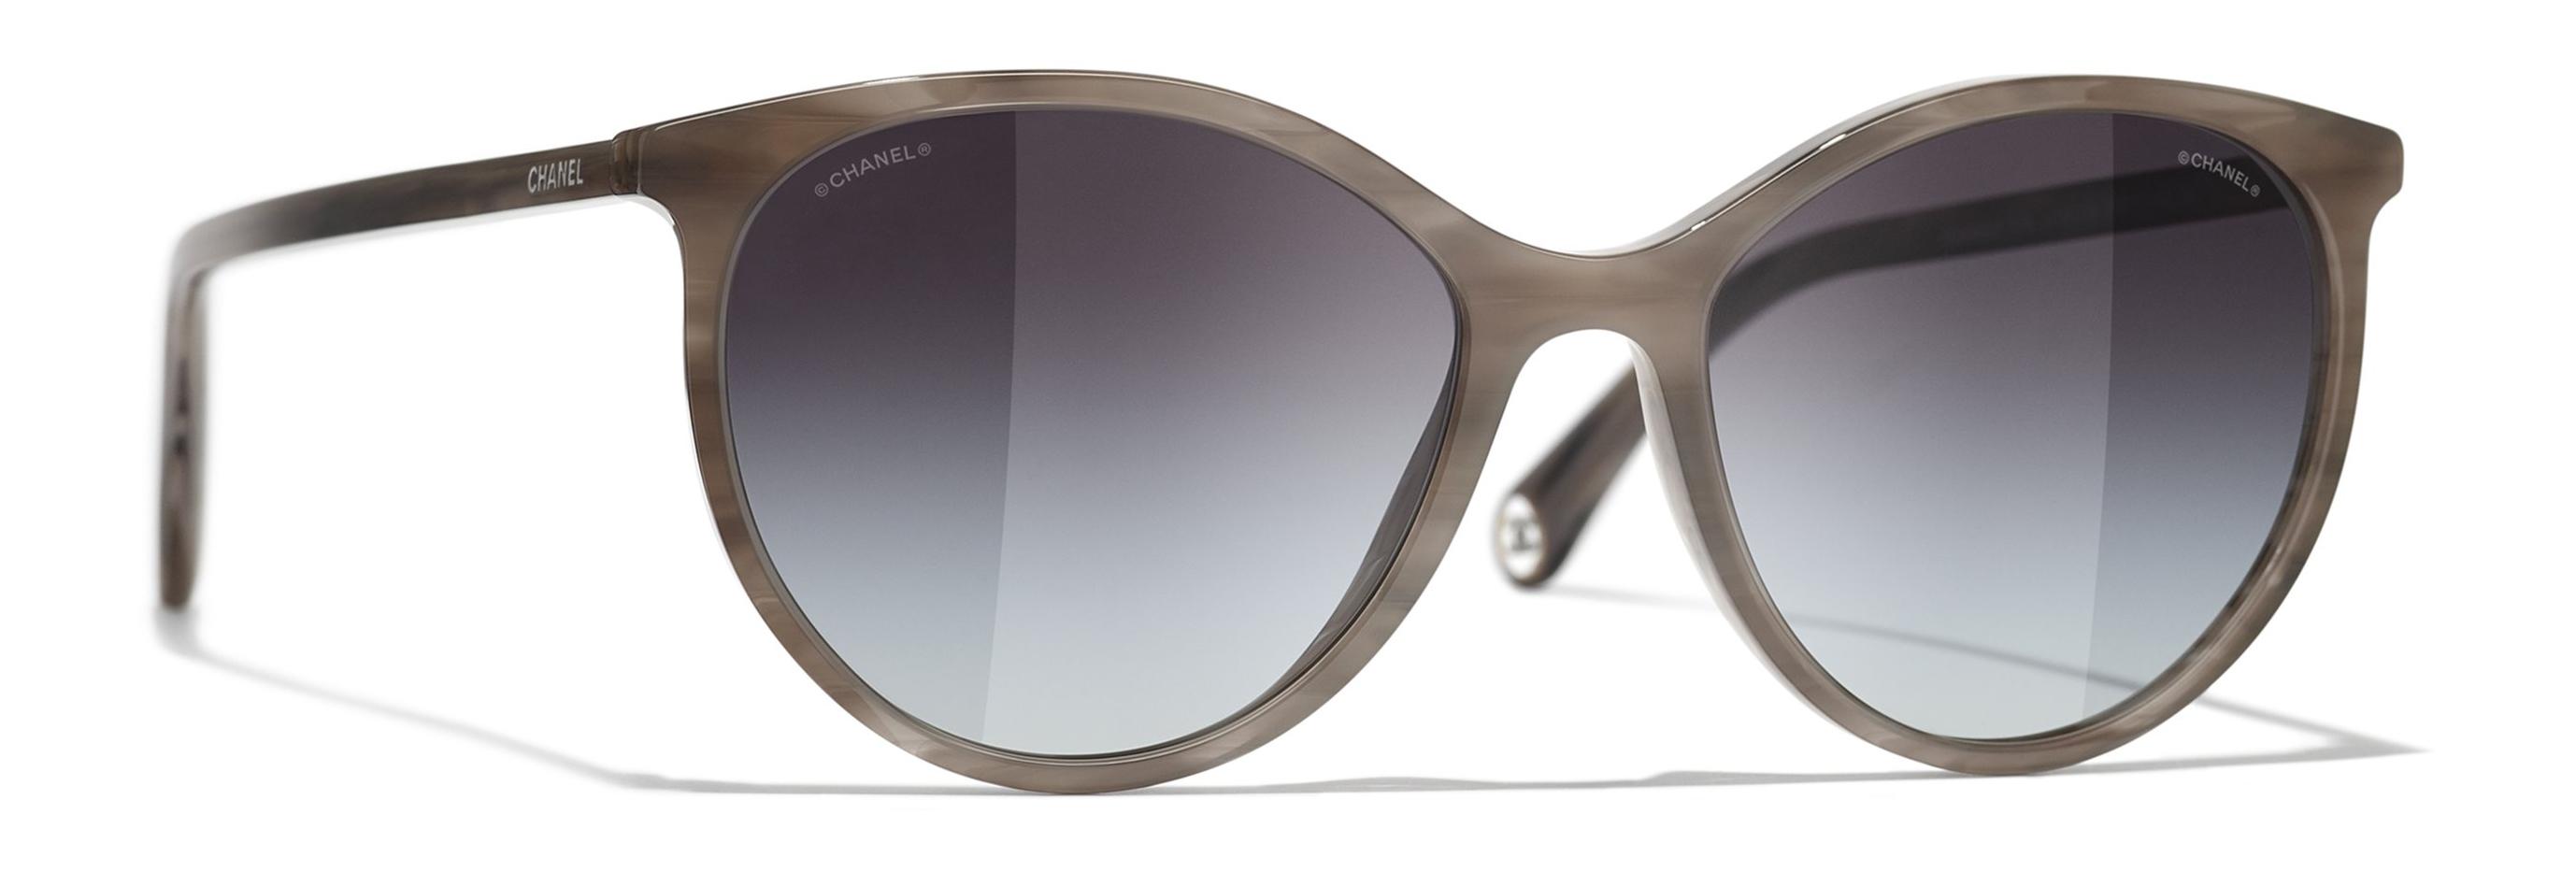 Sunglasses CHANEL CH 5448 1687S6 54/17